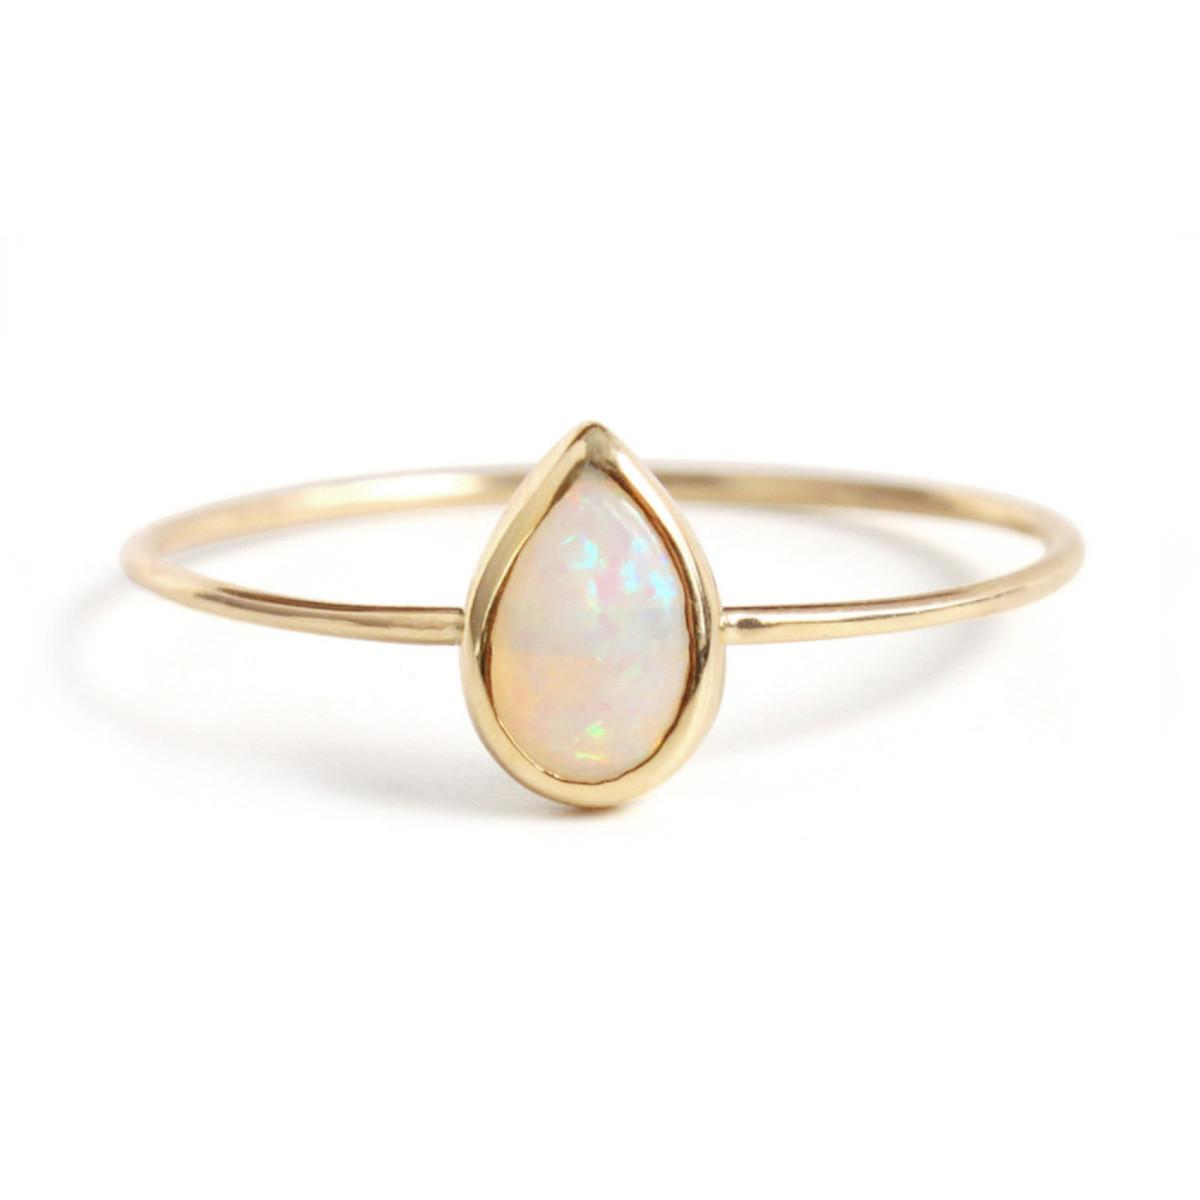 Catbird opal teardrop ring, $198, available at Catbird.